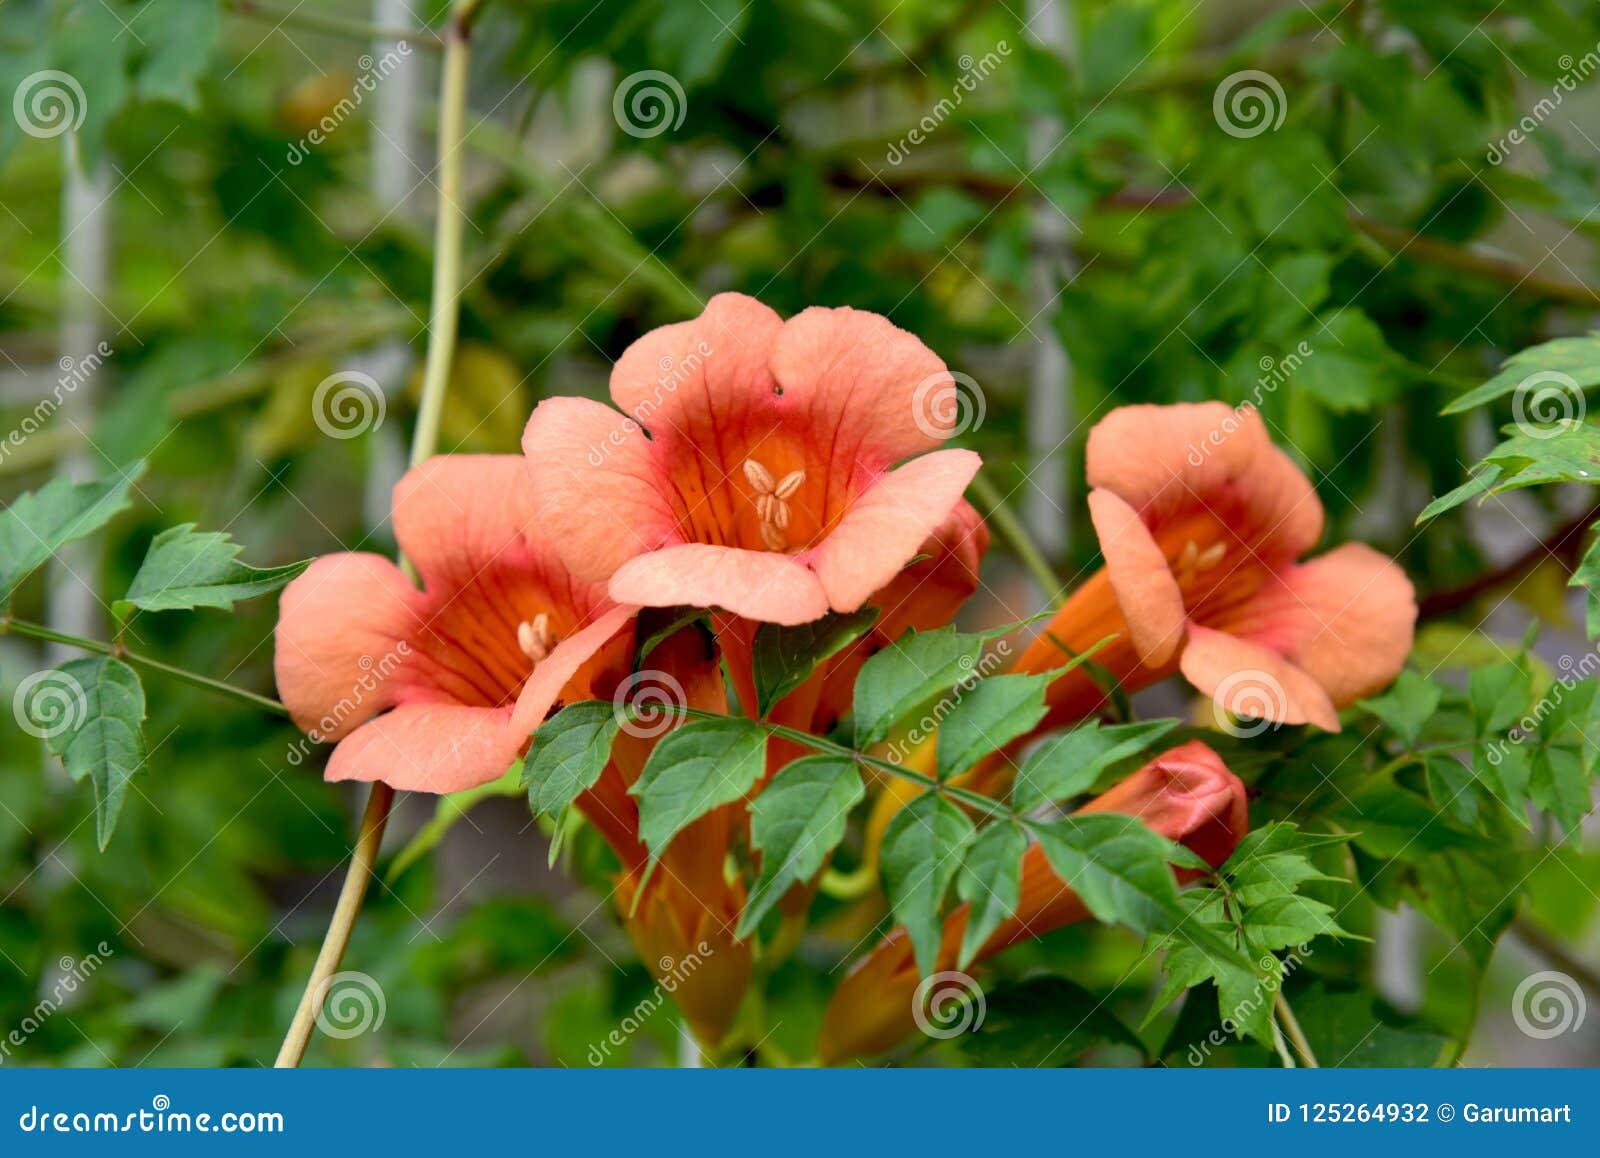 Orange bignonia flowers